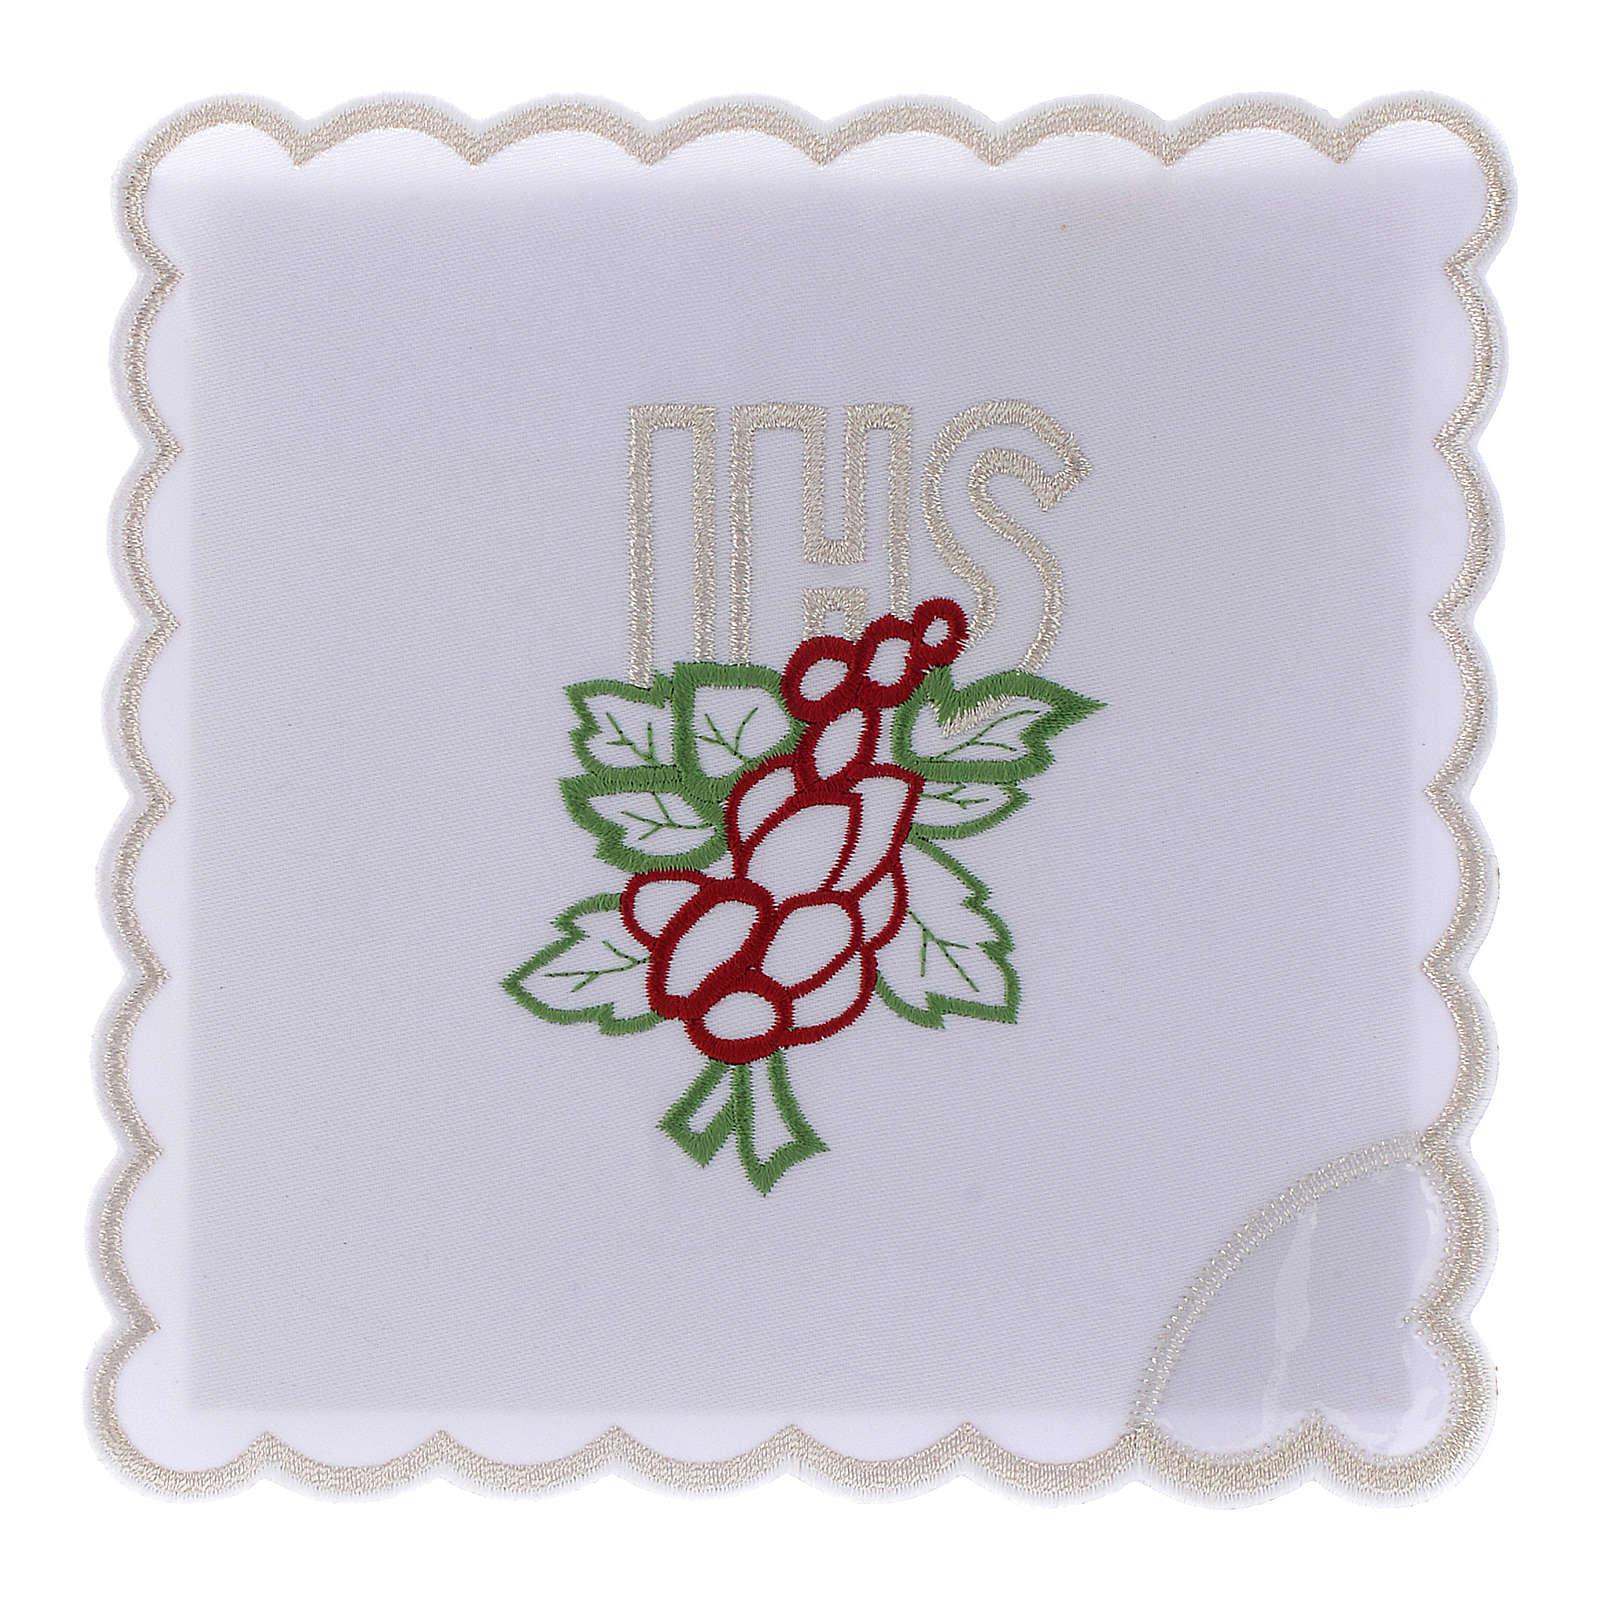 Conjunto de alfaia algodão bordado uva folhas IHS 4